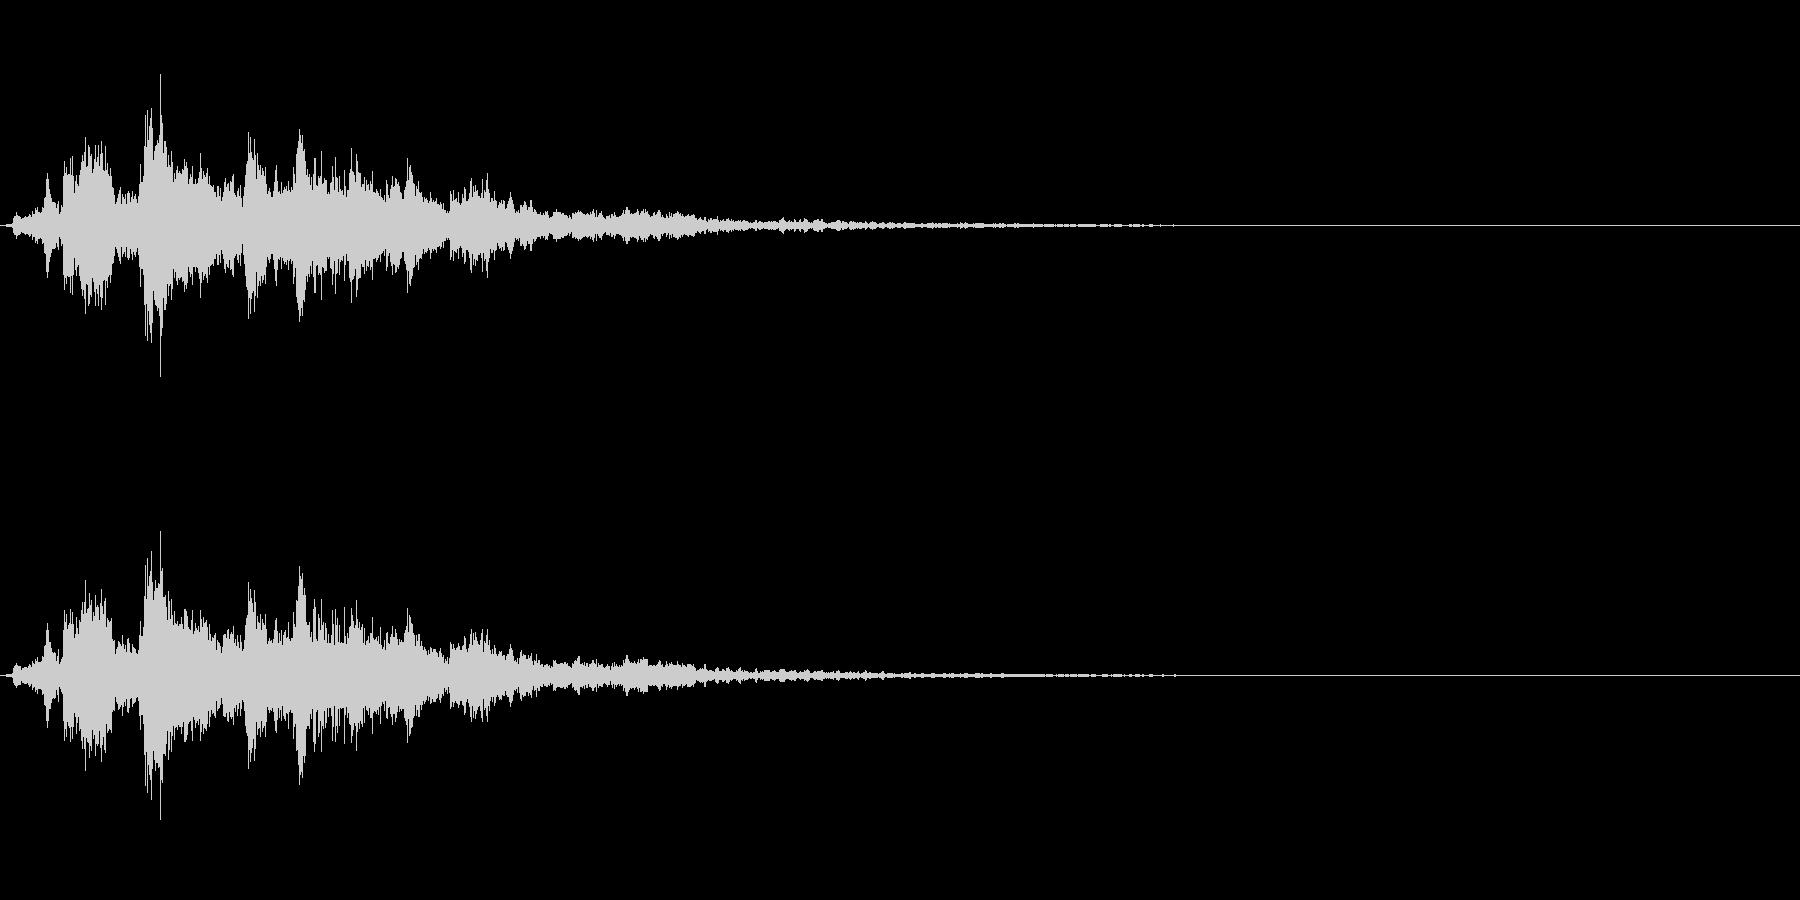 「シャシャシャン」ツリーベル音リバーブ入の未再生の波形